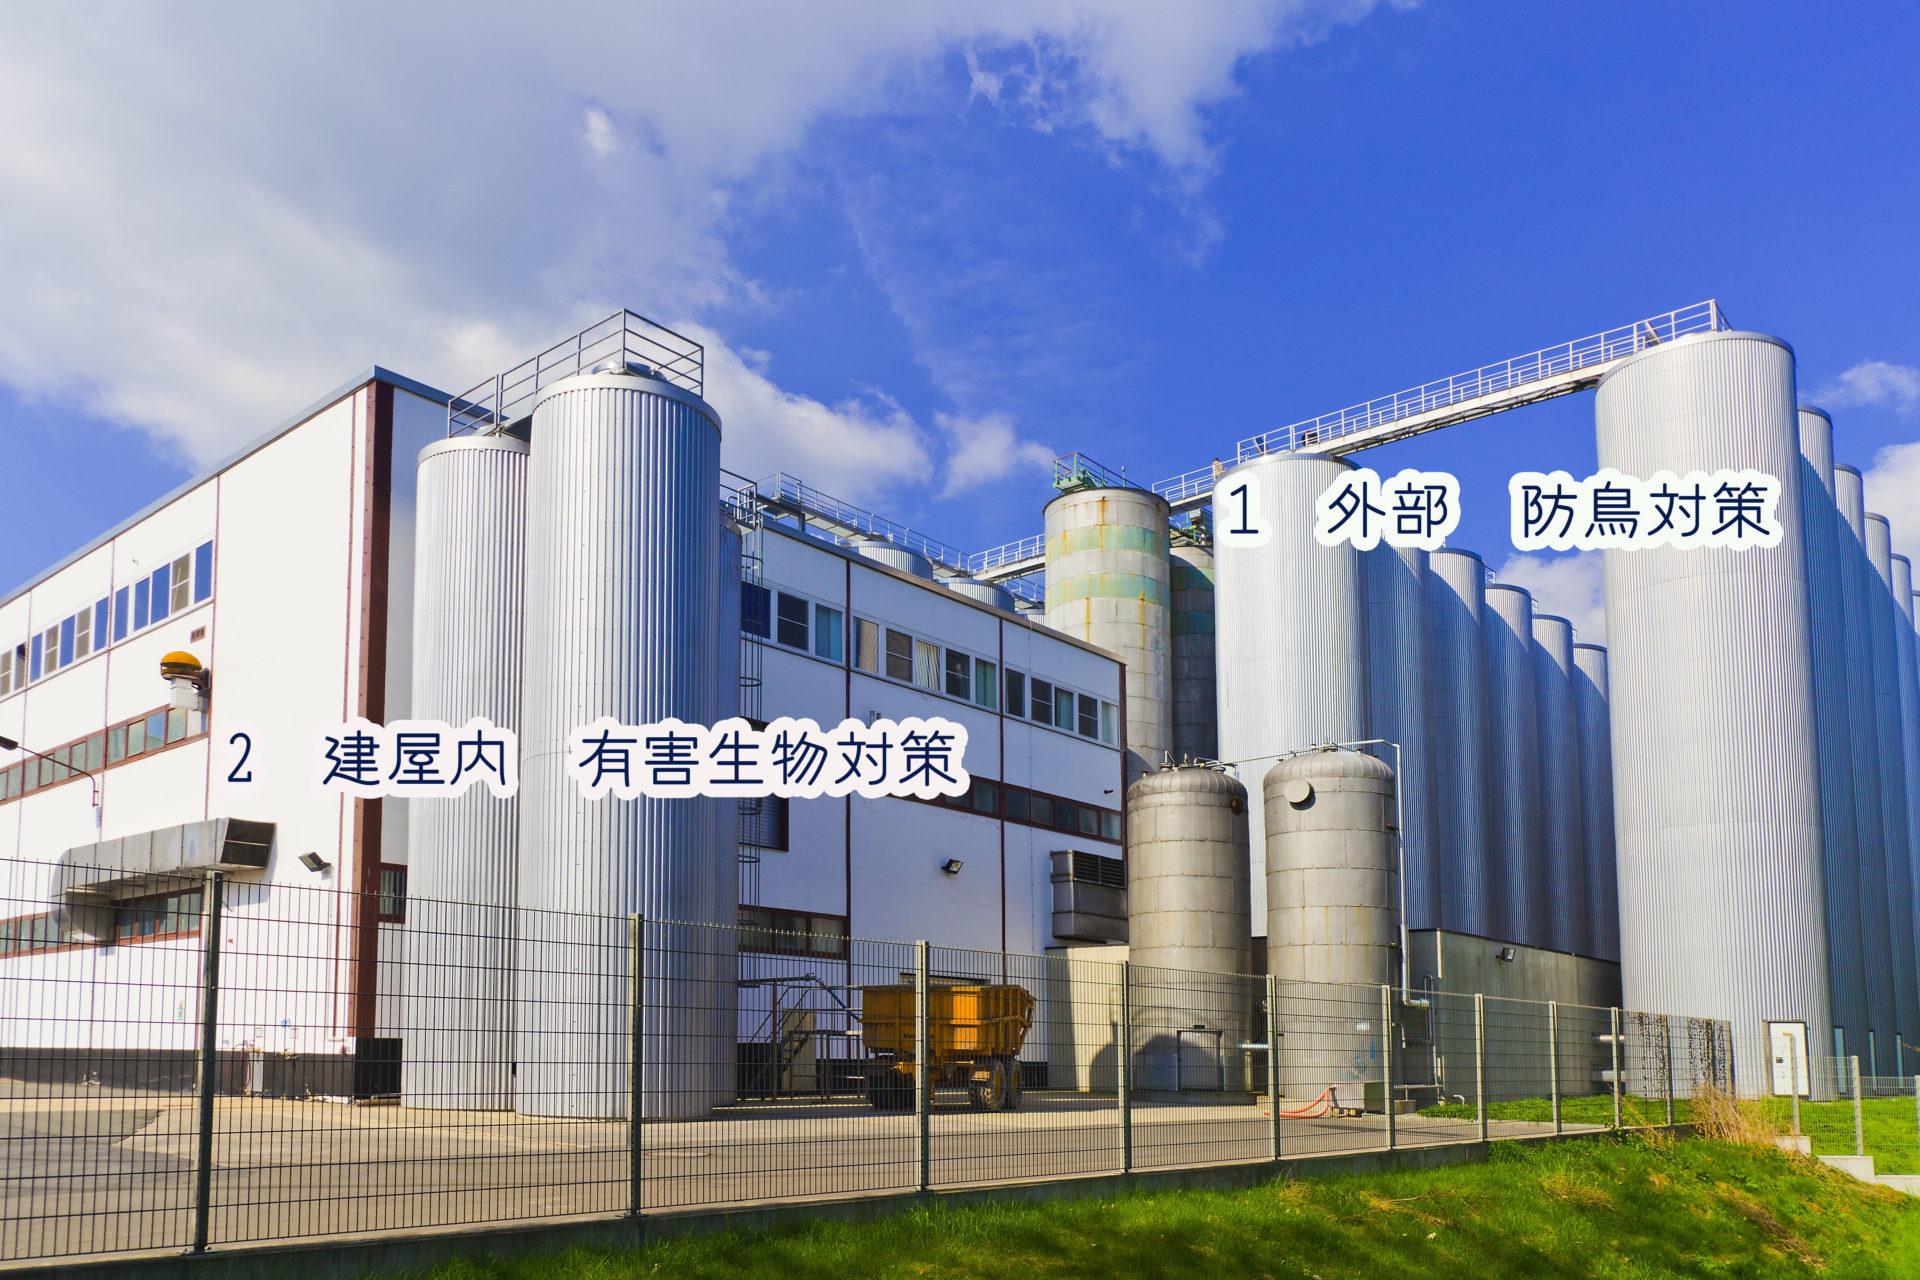 工場 イメージ